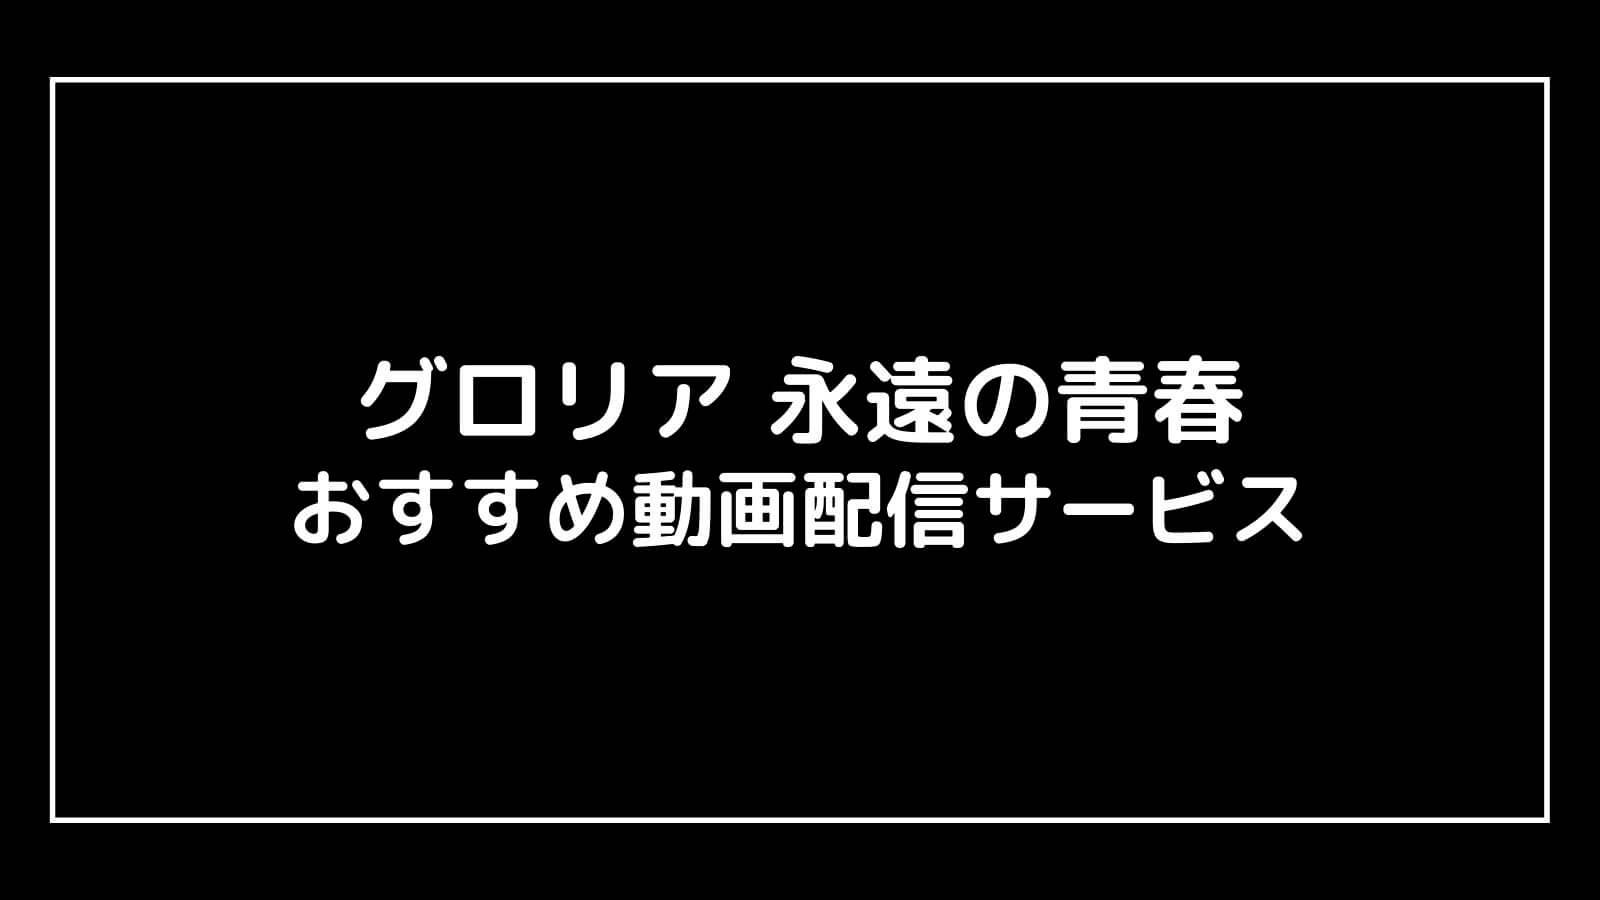 映画『グロリア 永遠の青春』の動画配信を無料視聴できるサブスク一覧